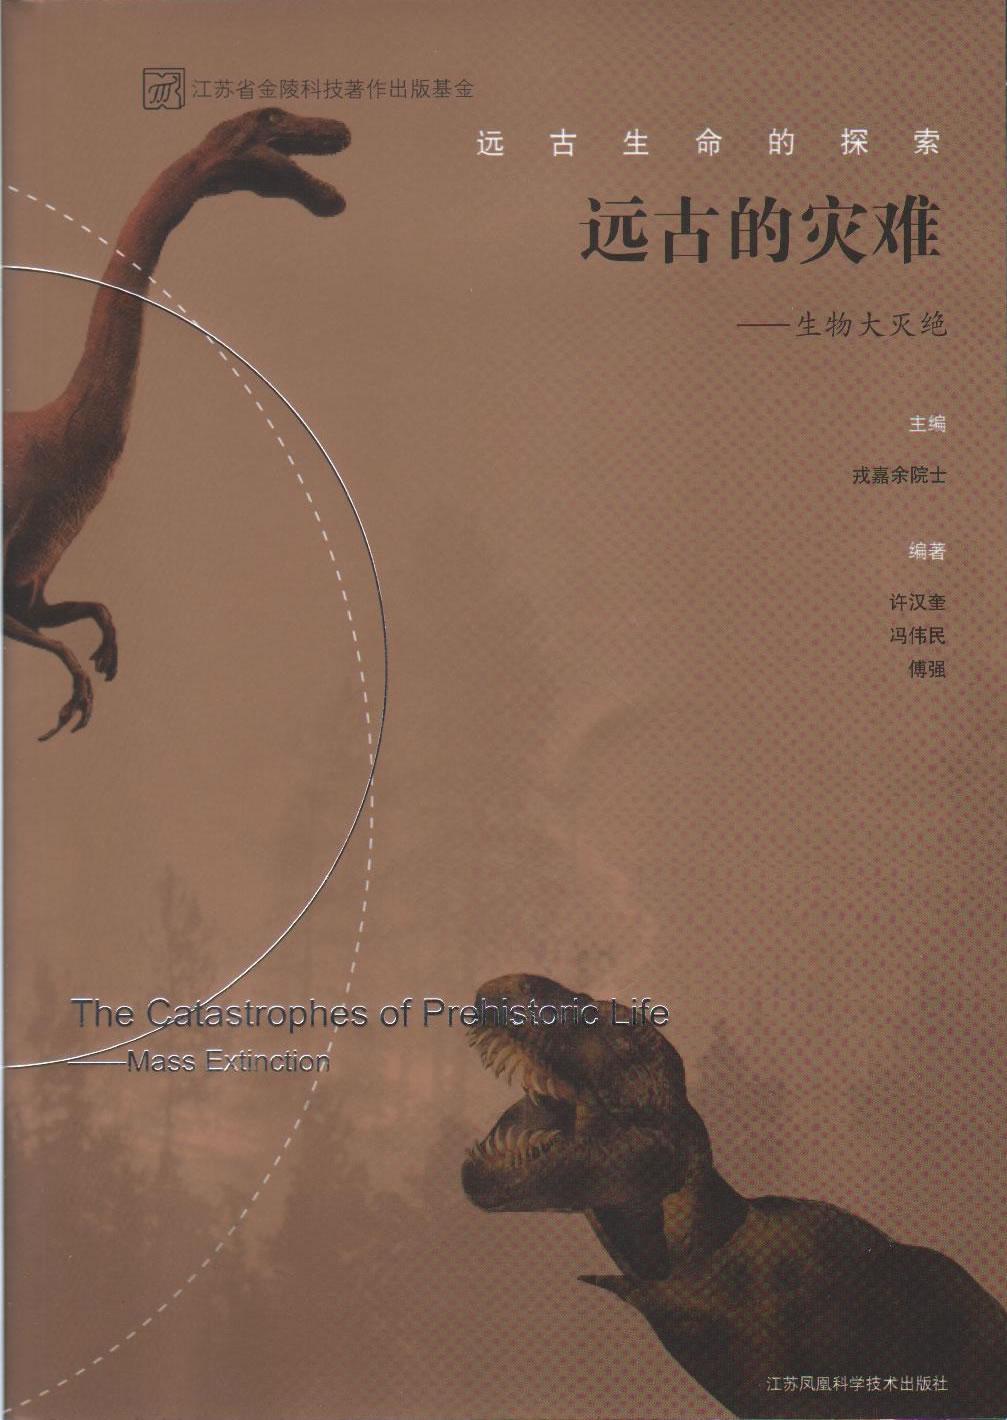 《远古的灾难——生物大灭绝》